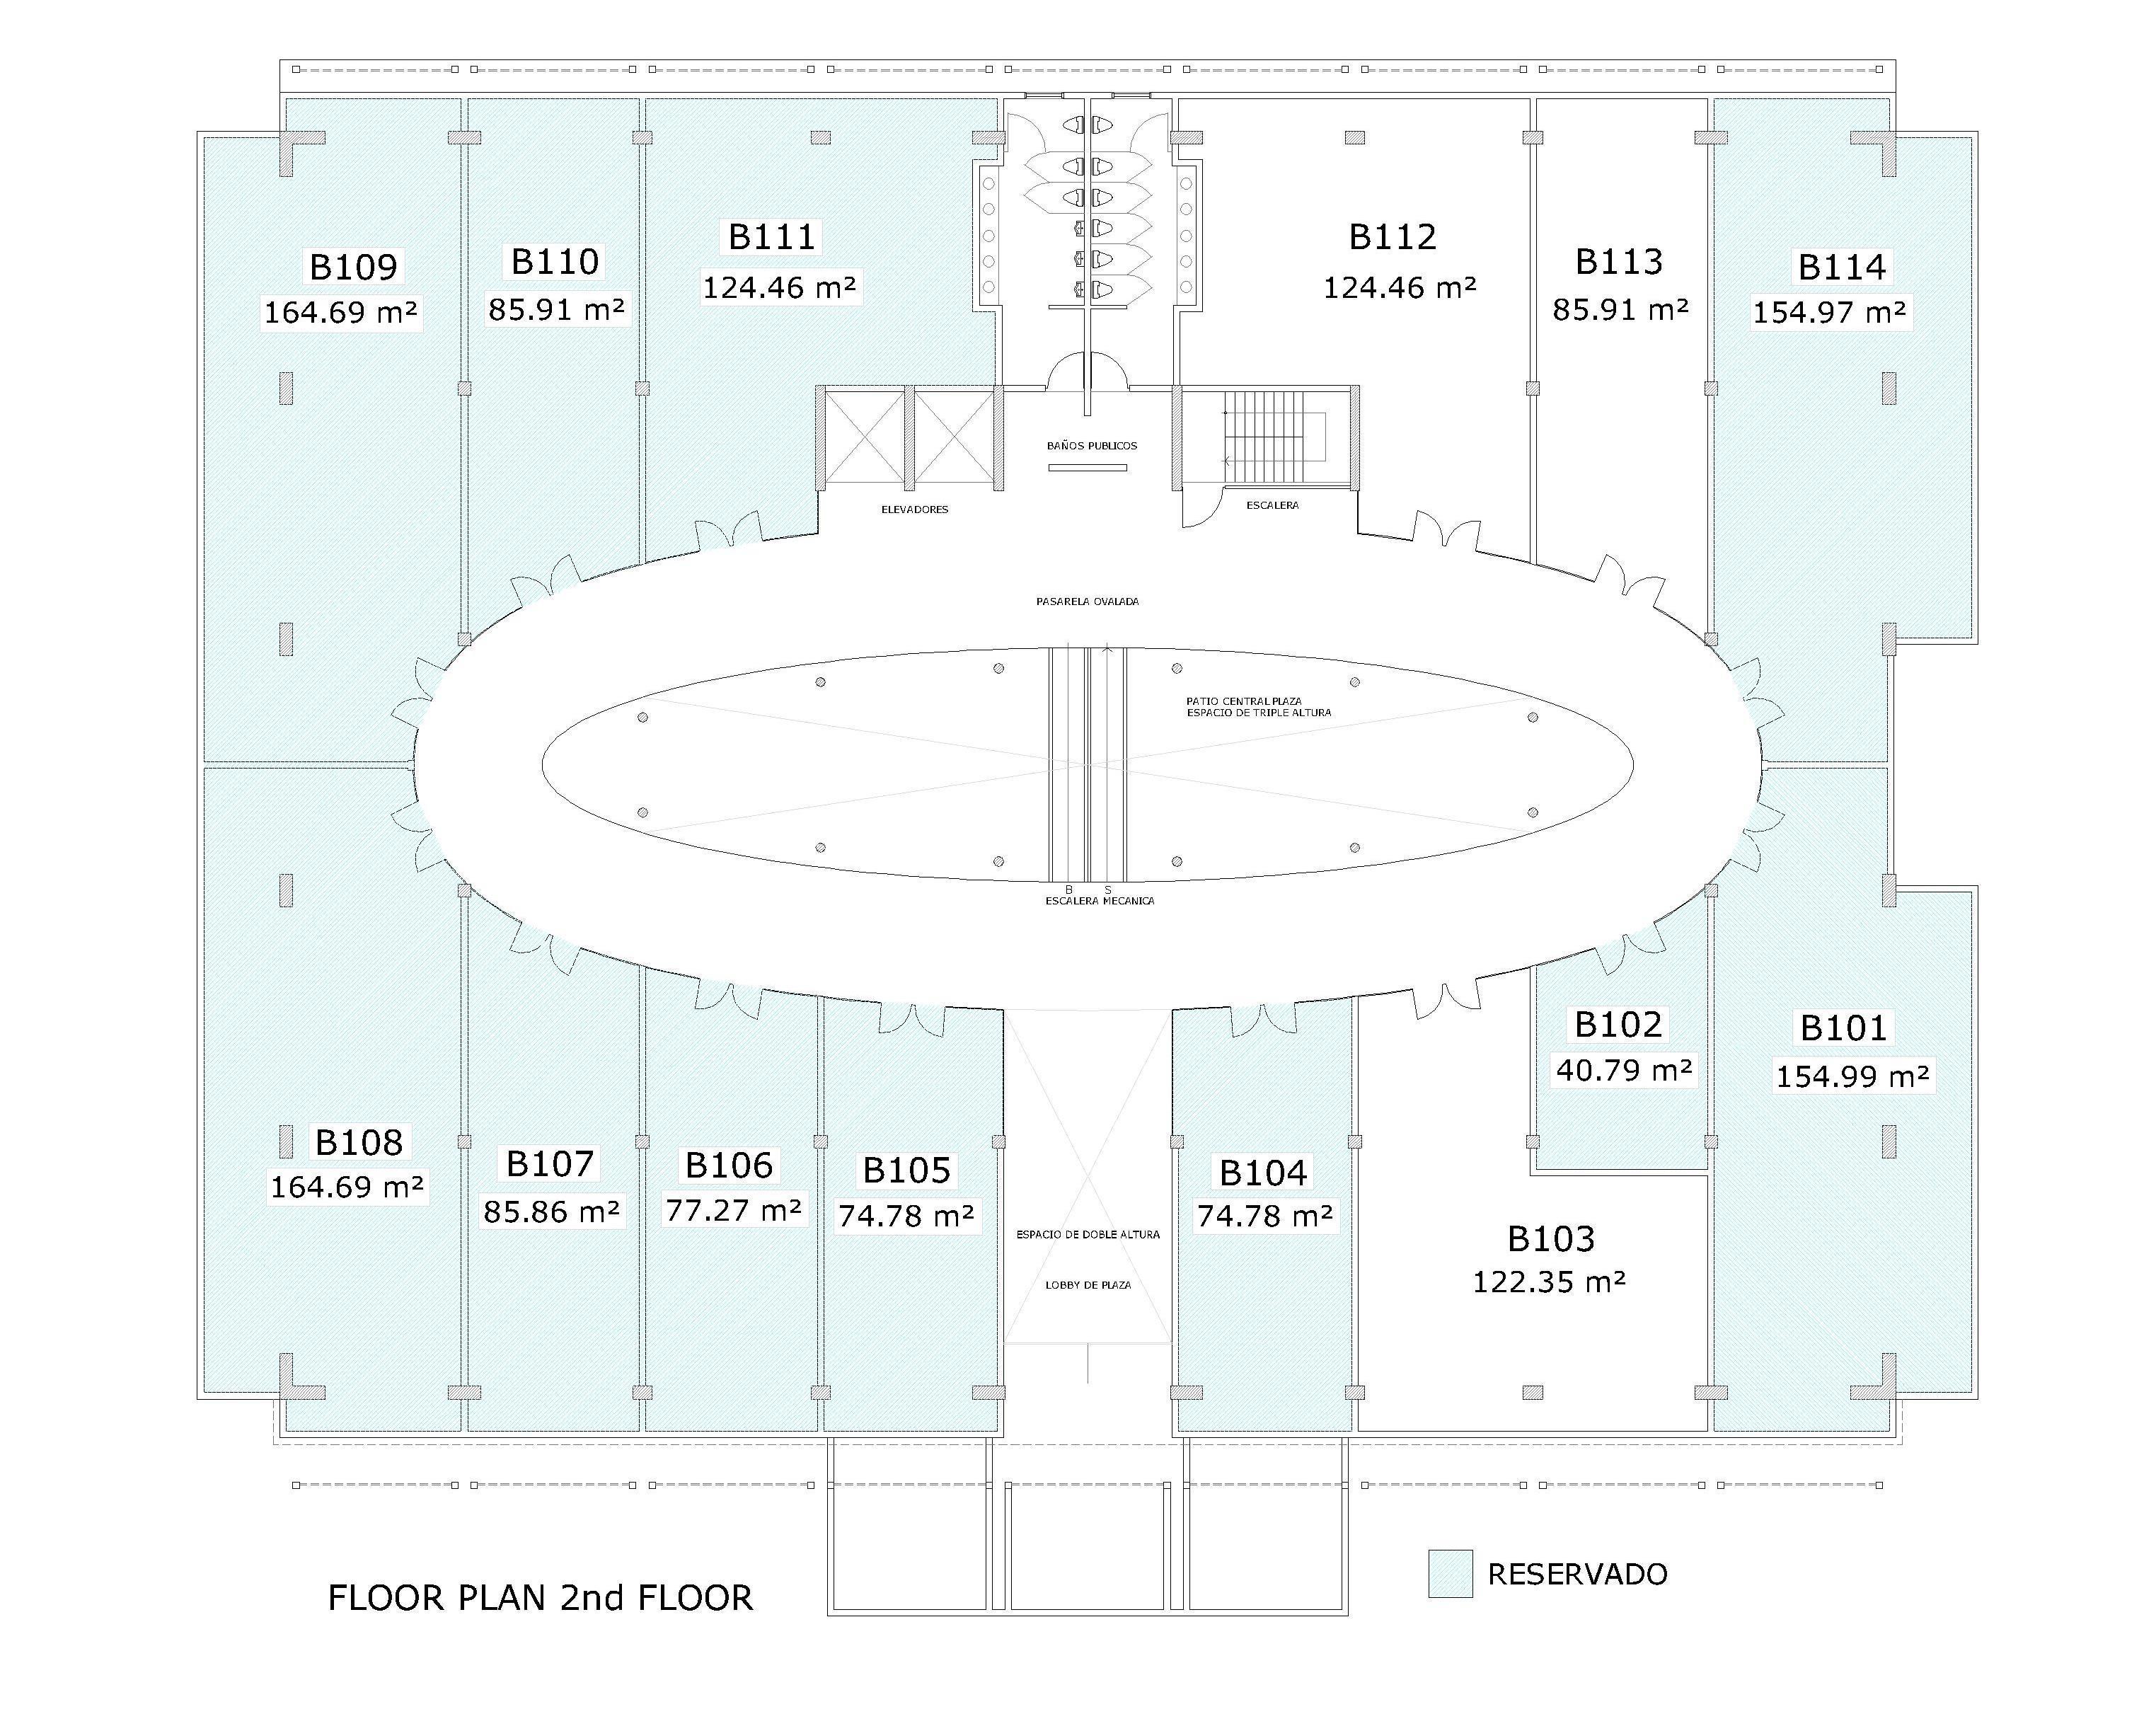 BTM Floor Plan 2nd Floor